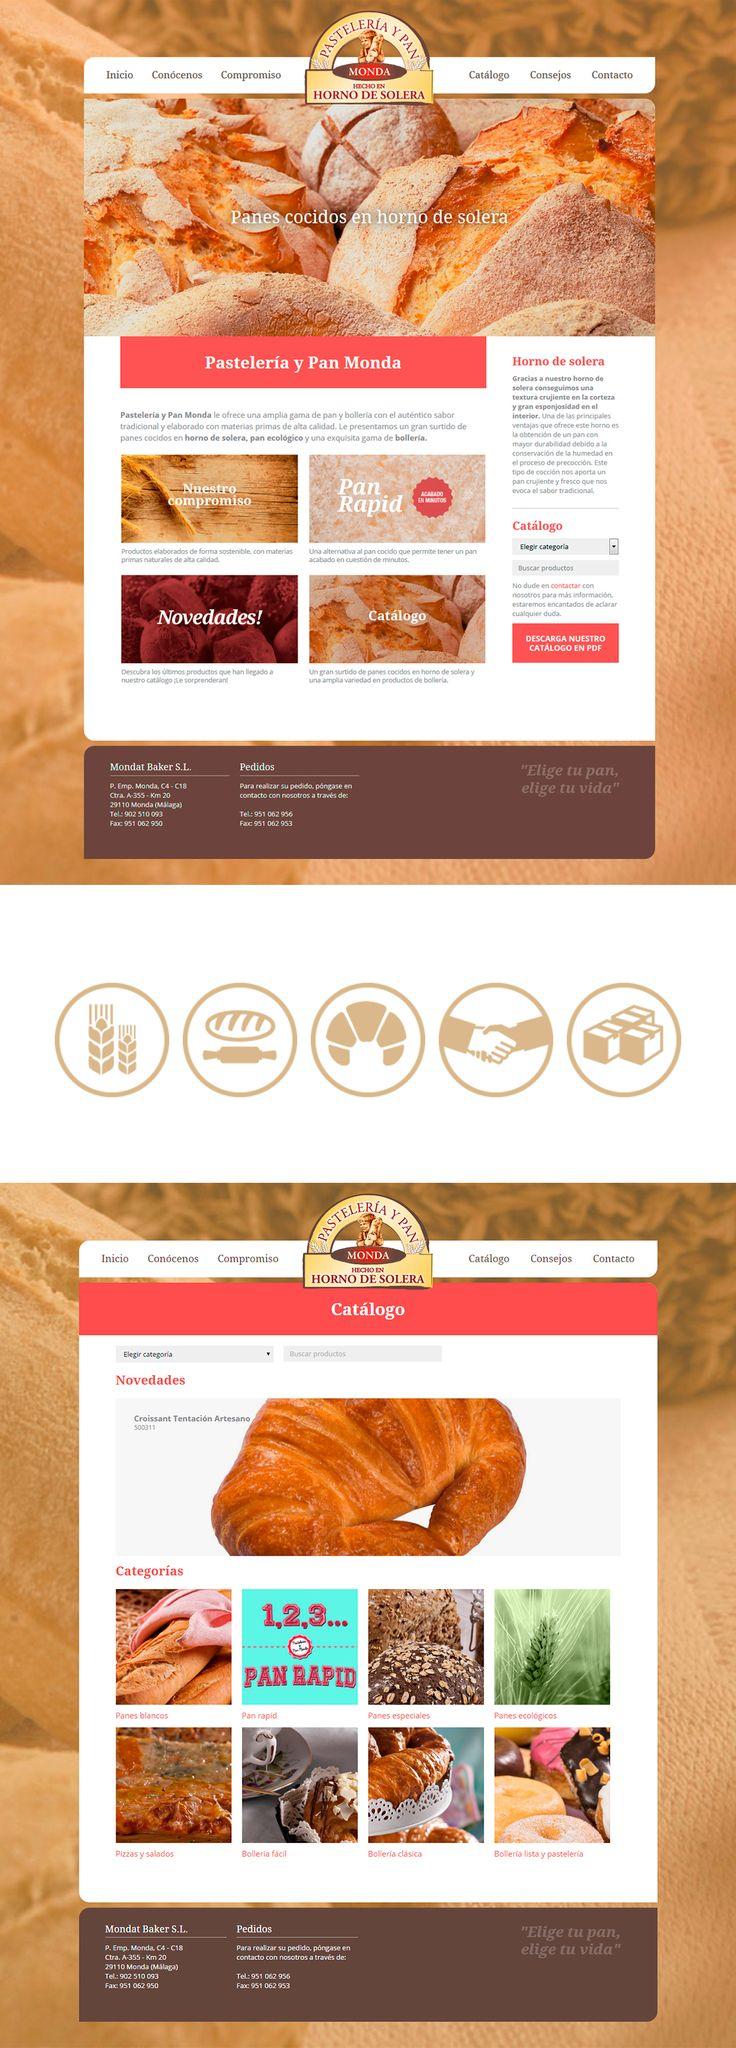 Pastelería y pan Monda ~   Panadería y pastelería tradicional hecho en horno de solera. Así desarrollamos su web en Factor ñ.